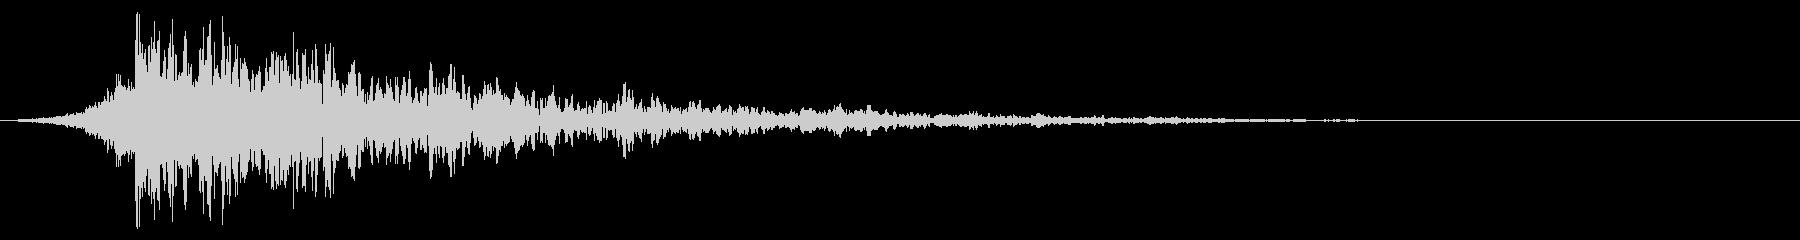 シュードーン-52-2(インパクト音)の未再生の波形